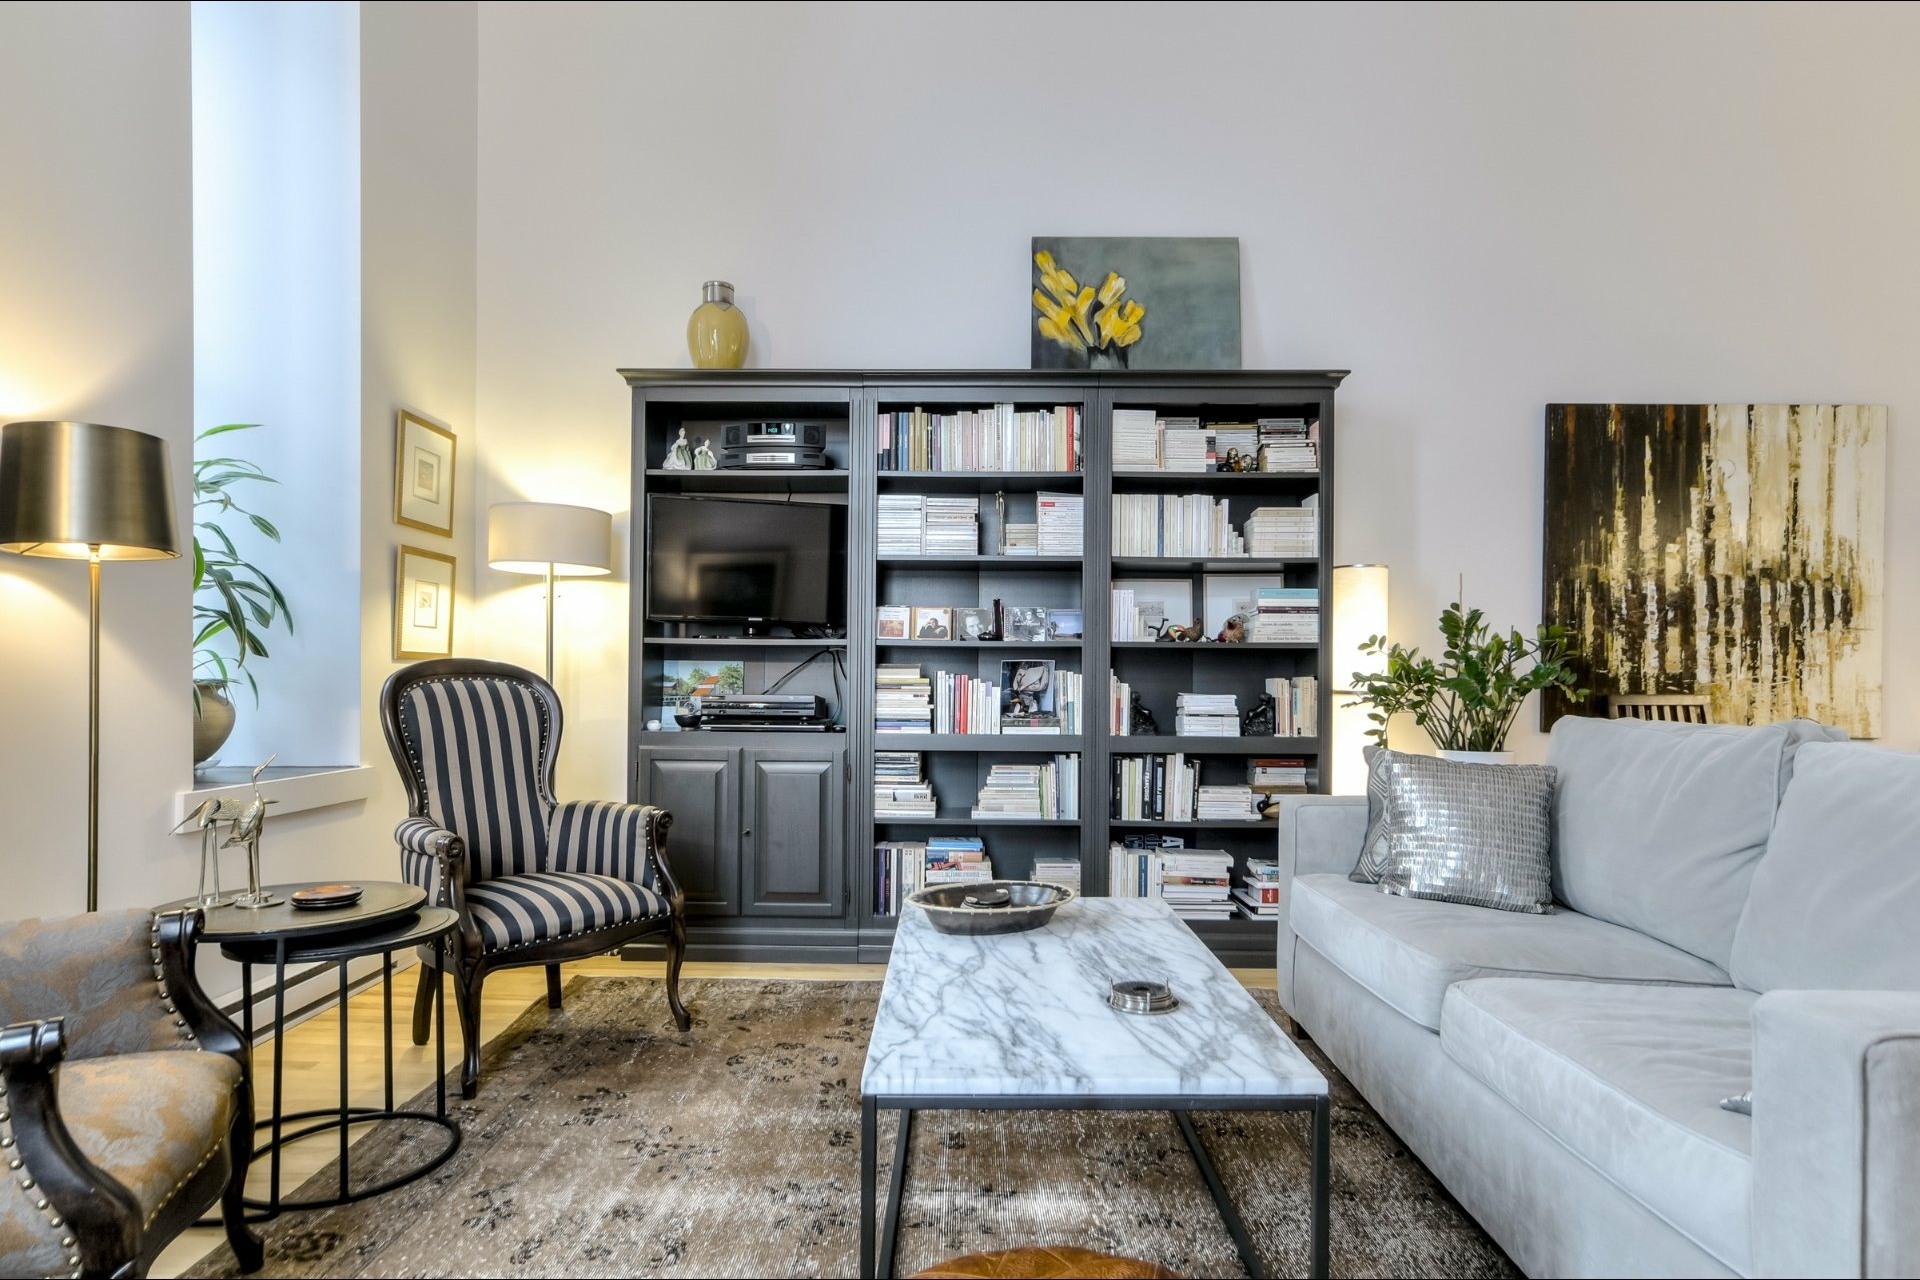 image 5 - Appartement À vendre Ville-Marie Montréal  - 5 pièces